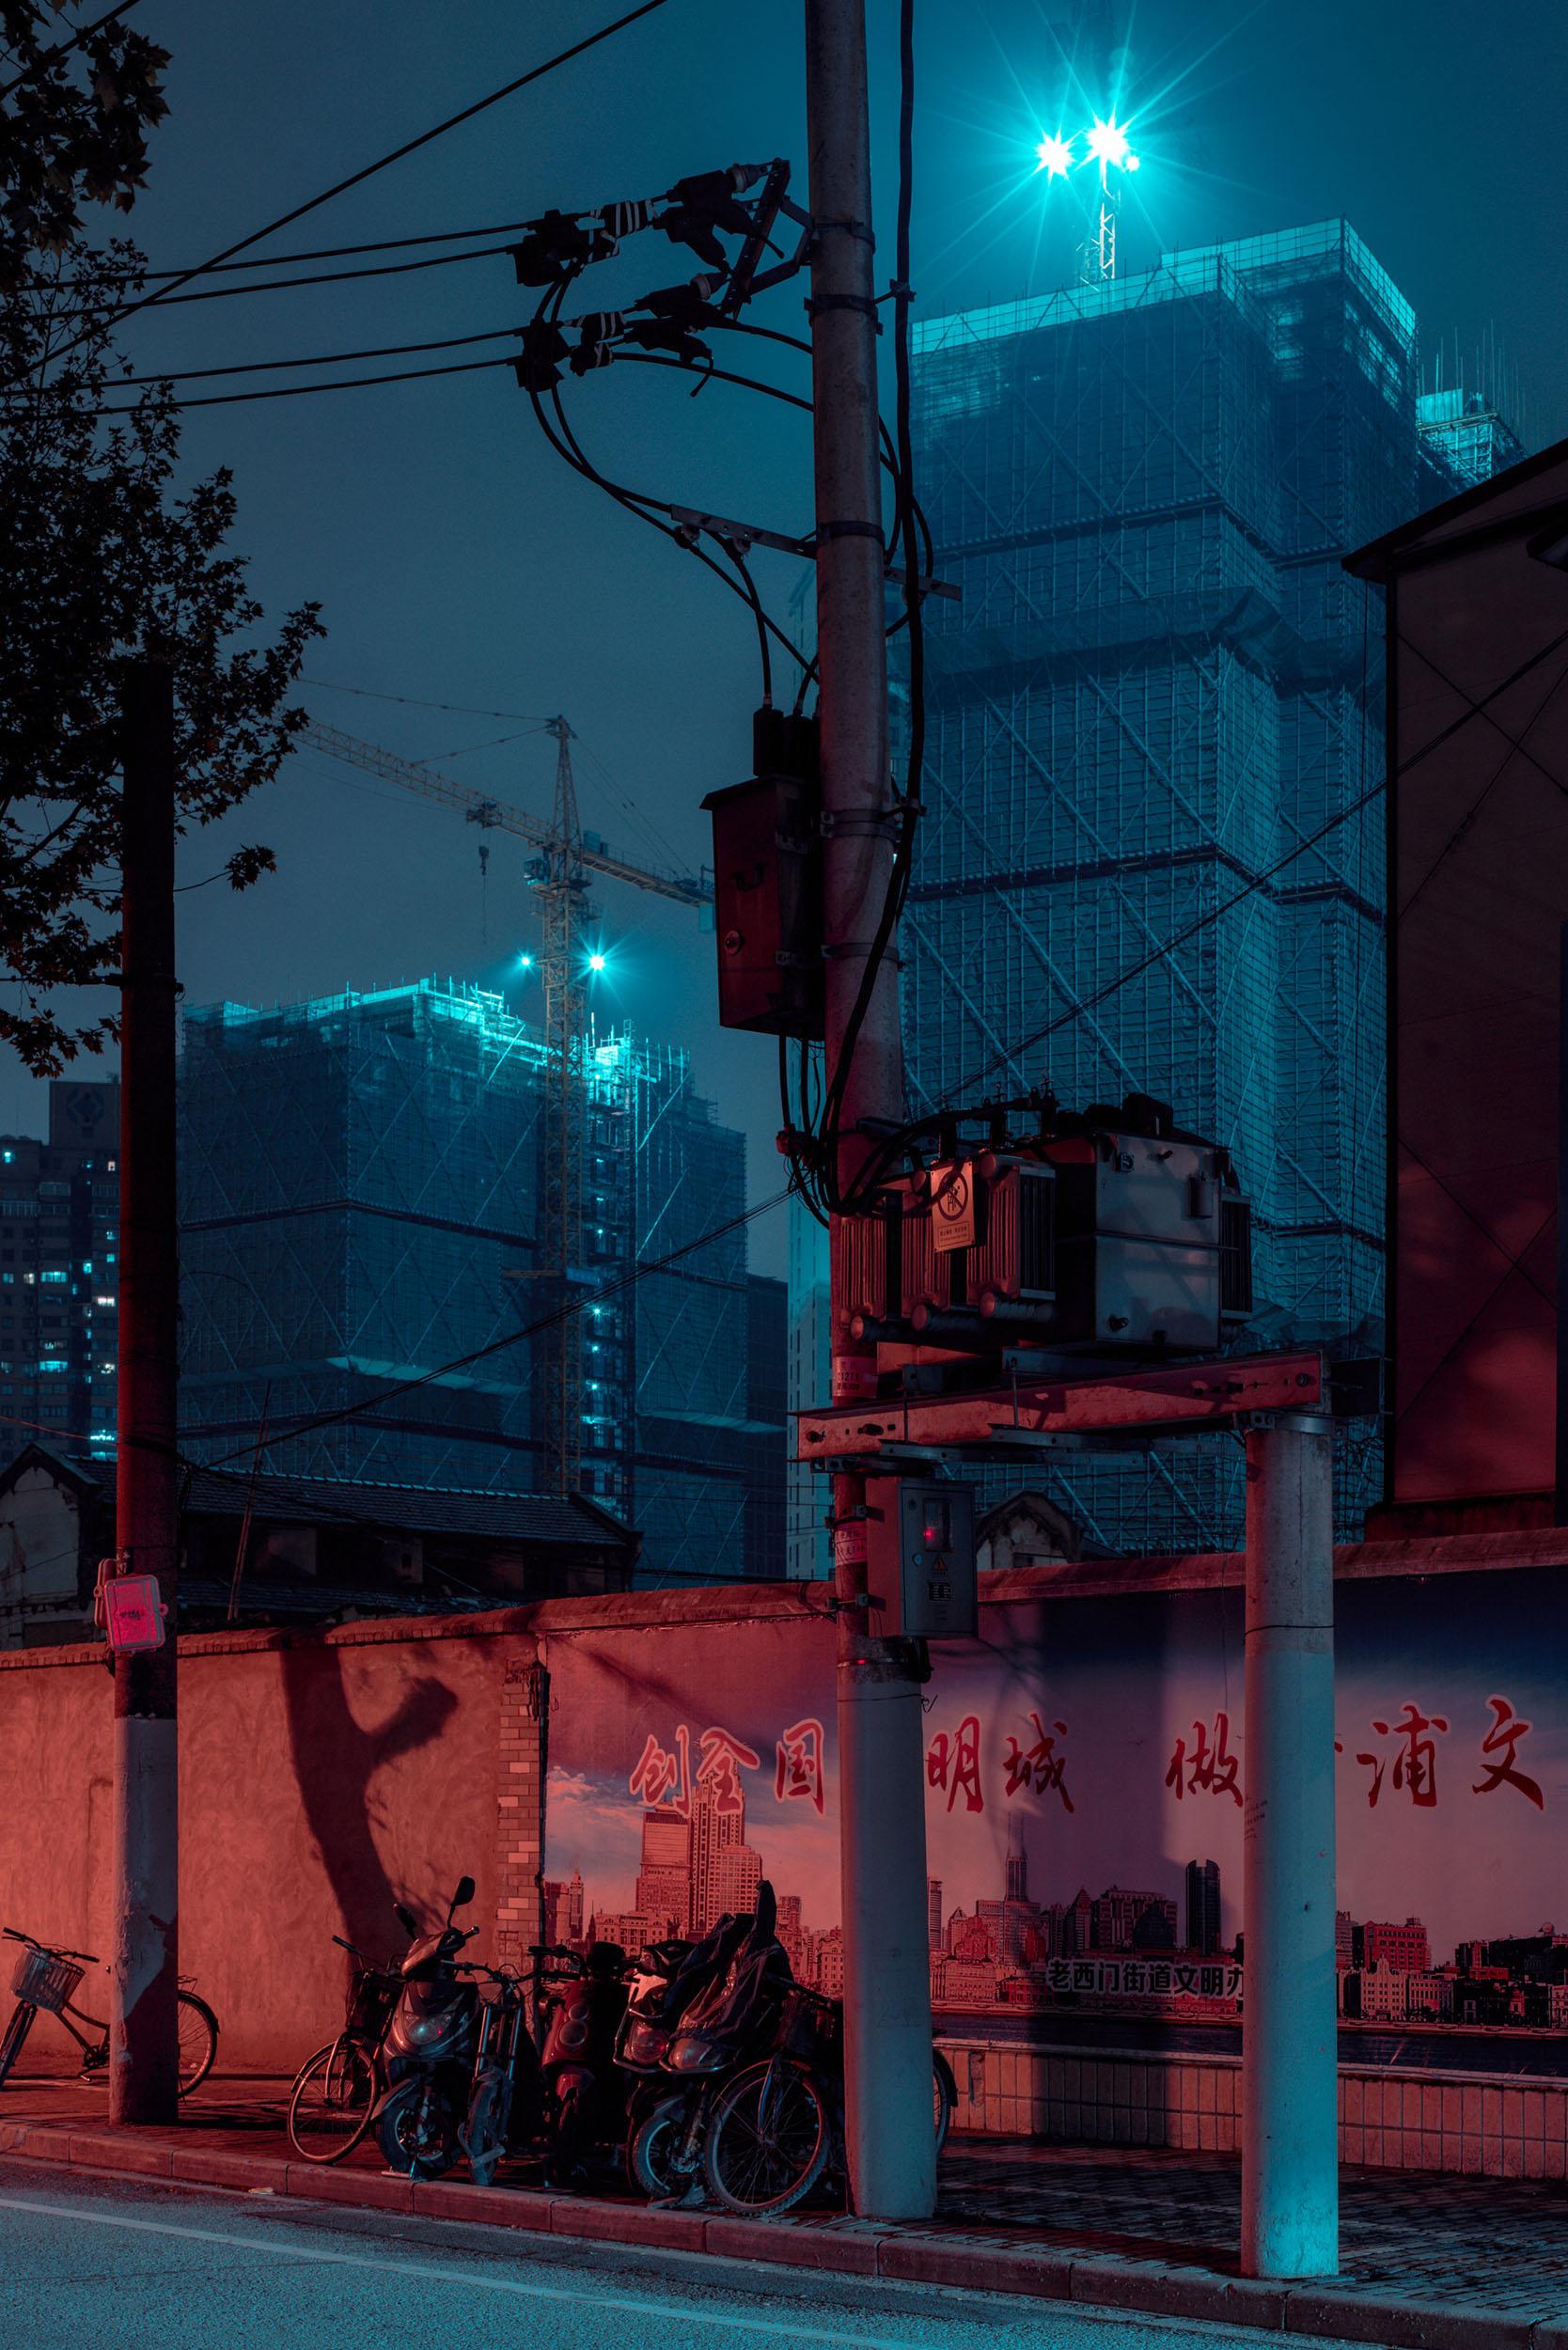 shanghai-streets-8.jpg